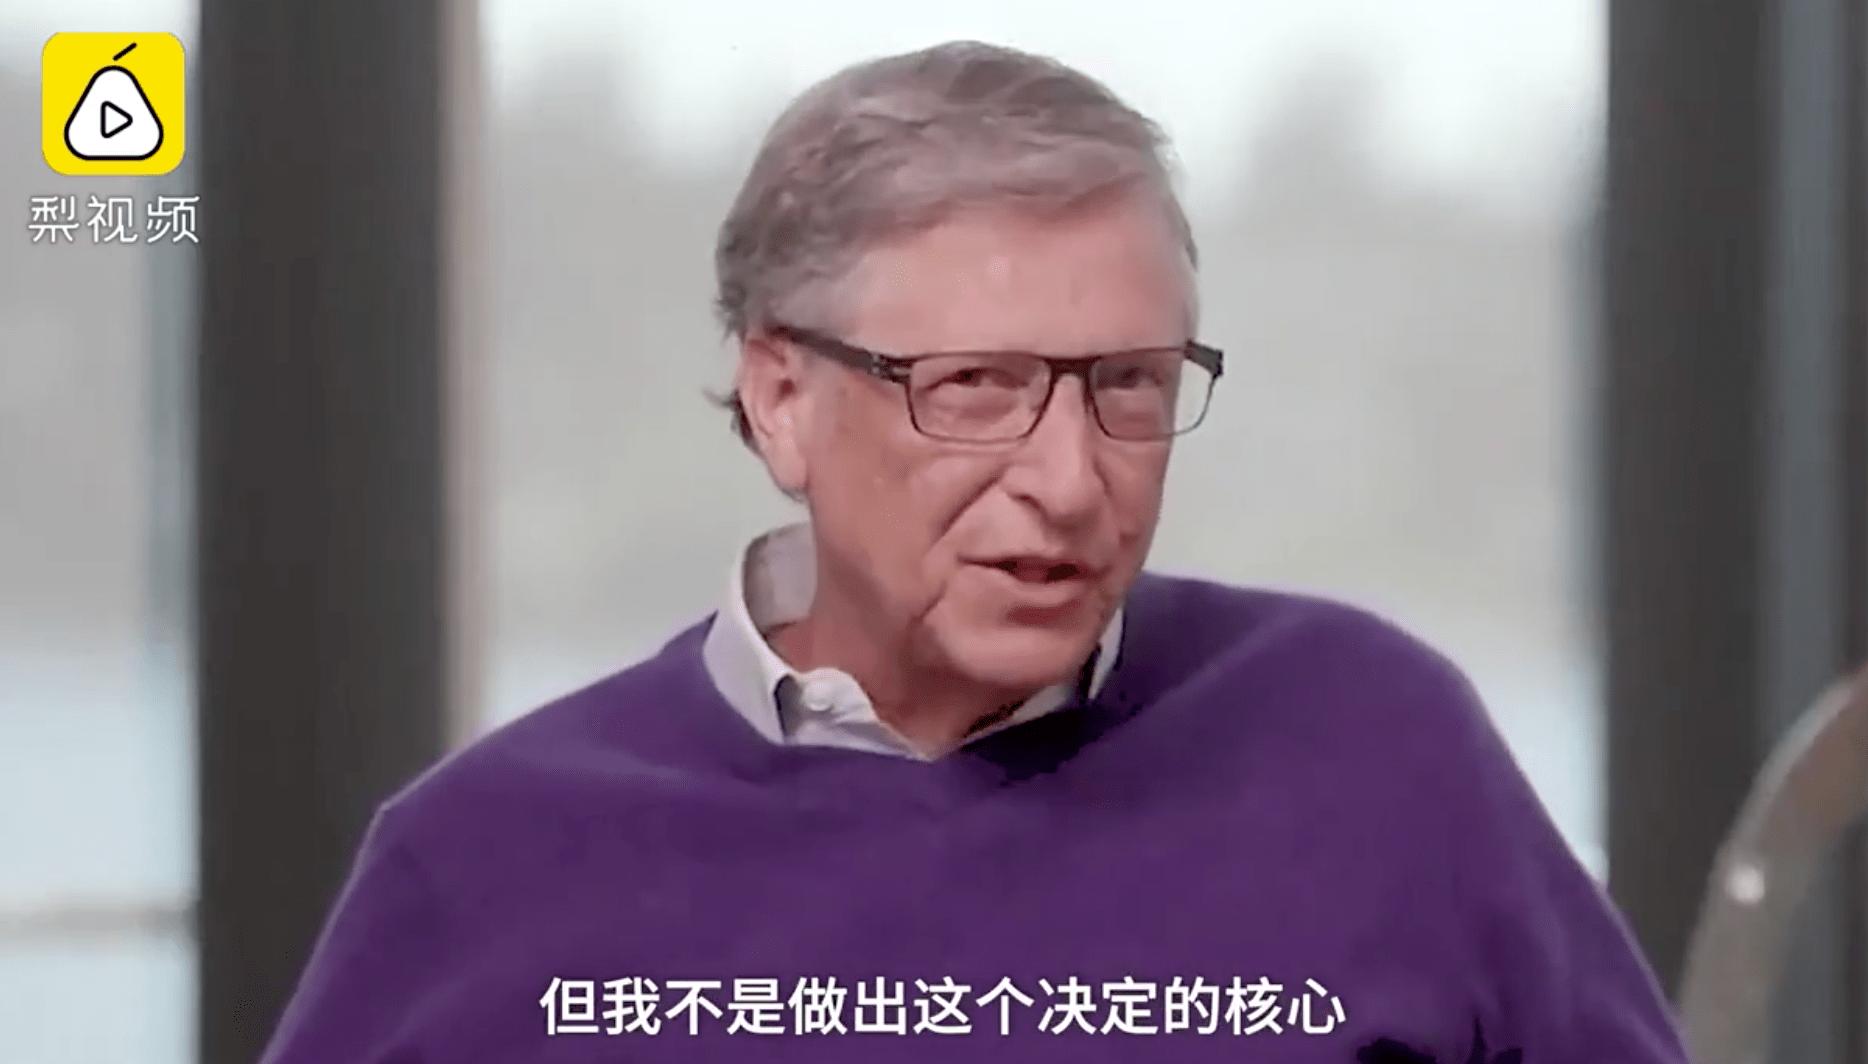 【比尔盖茨谈微软收购TikTok :不知特朗普为何封杀,自己已不在决策层】